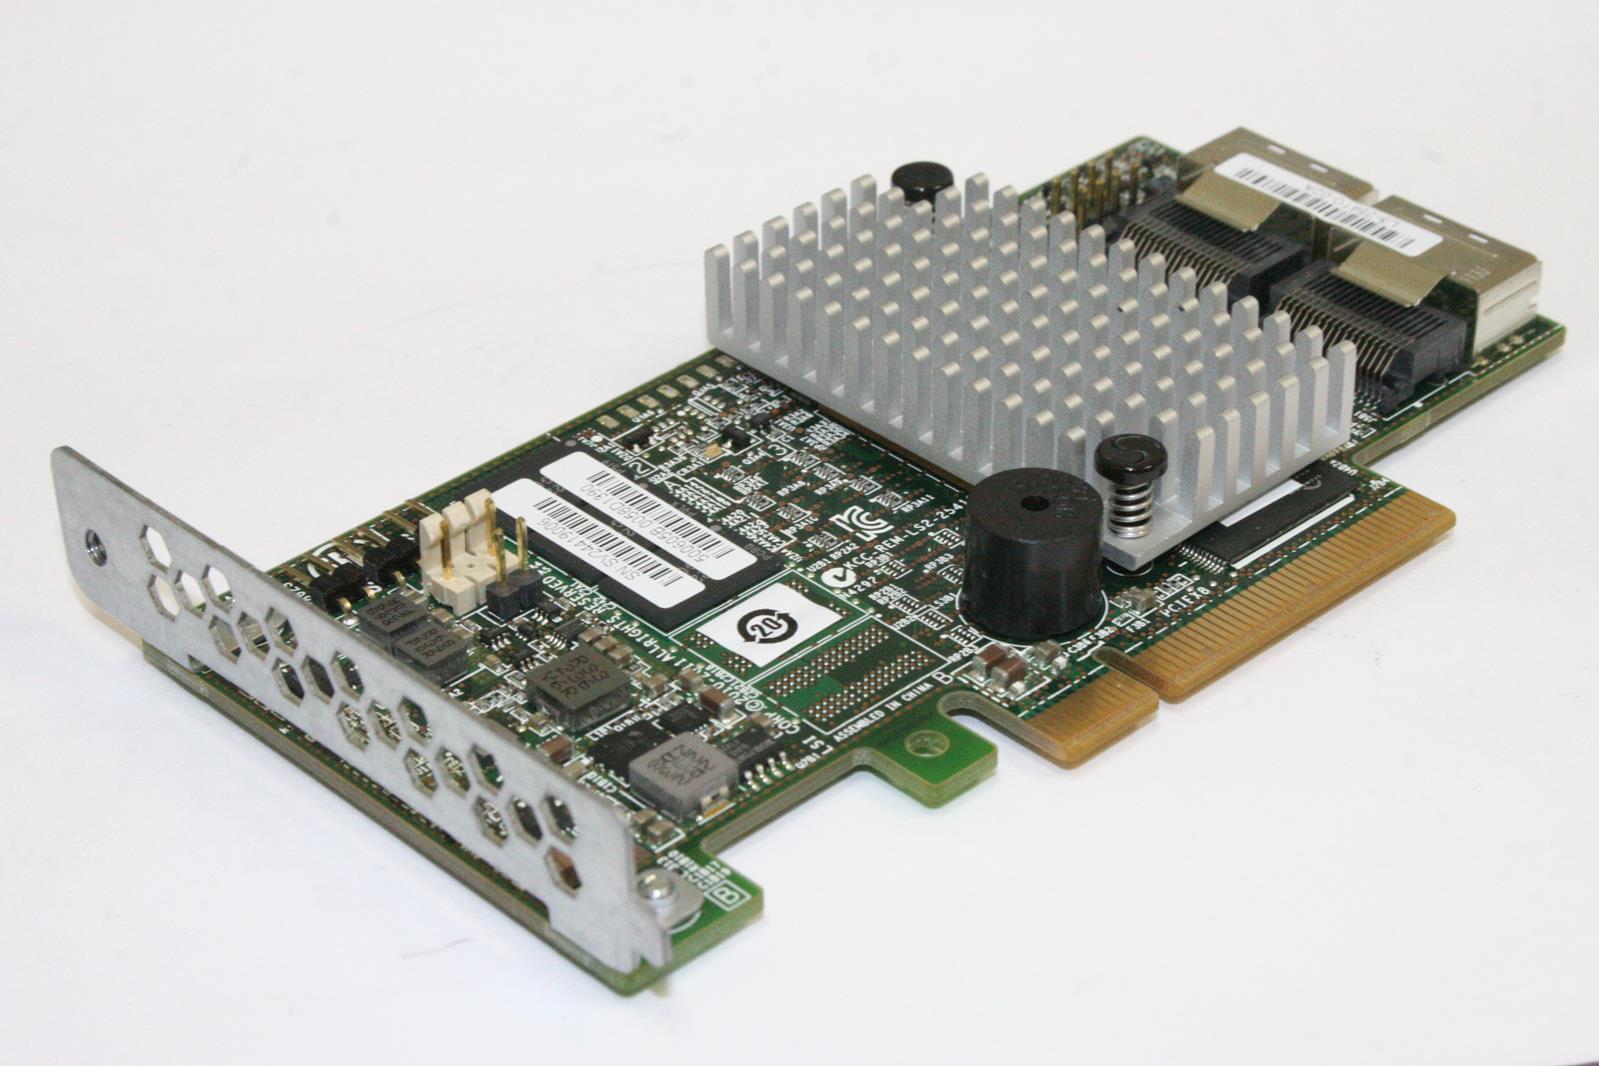 Details about LSI L3-25410-02A KCC-REM-LS2-25410 RAID Controller